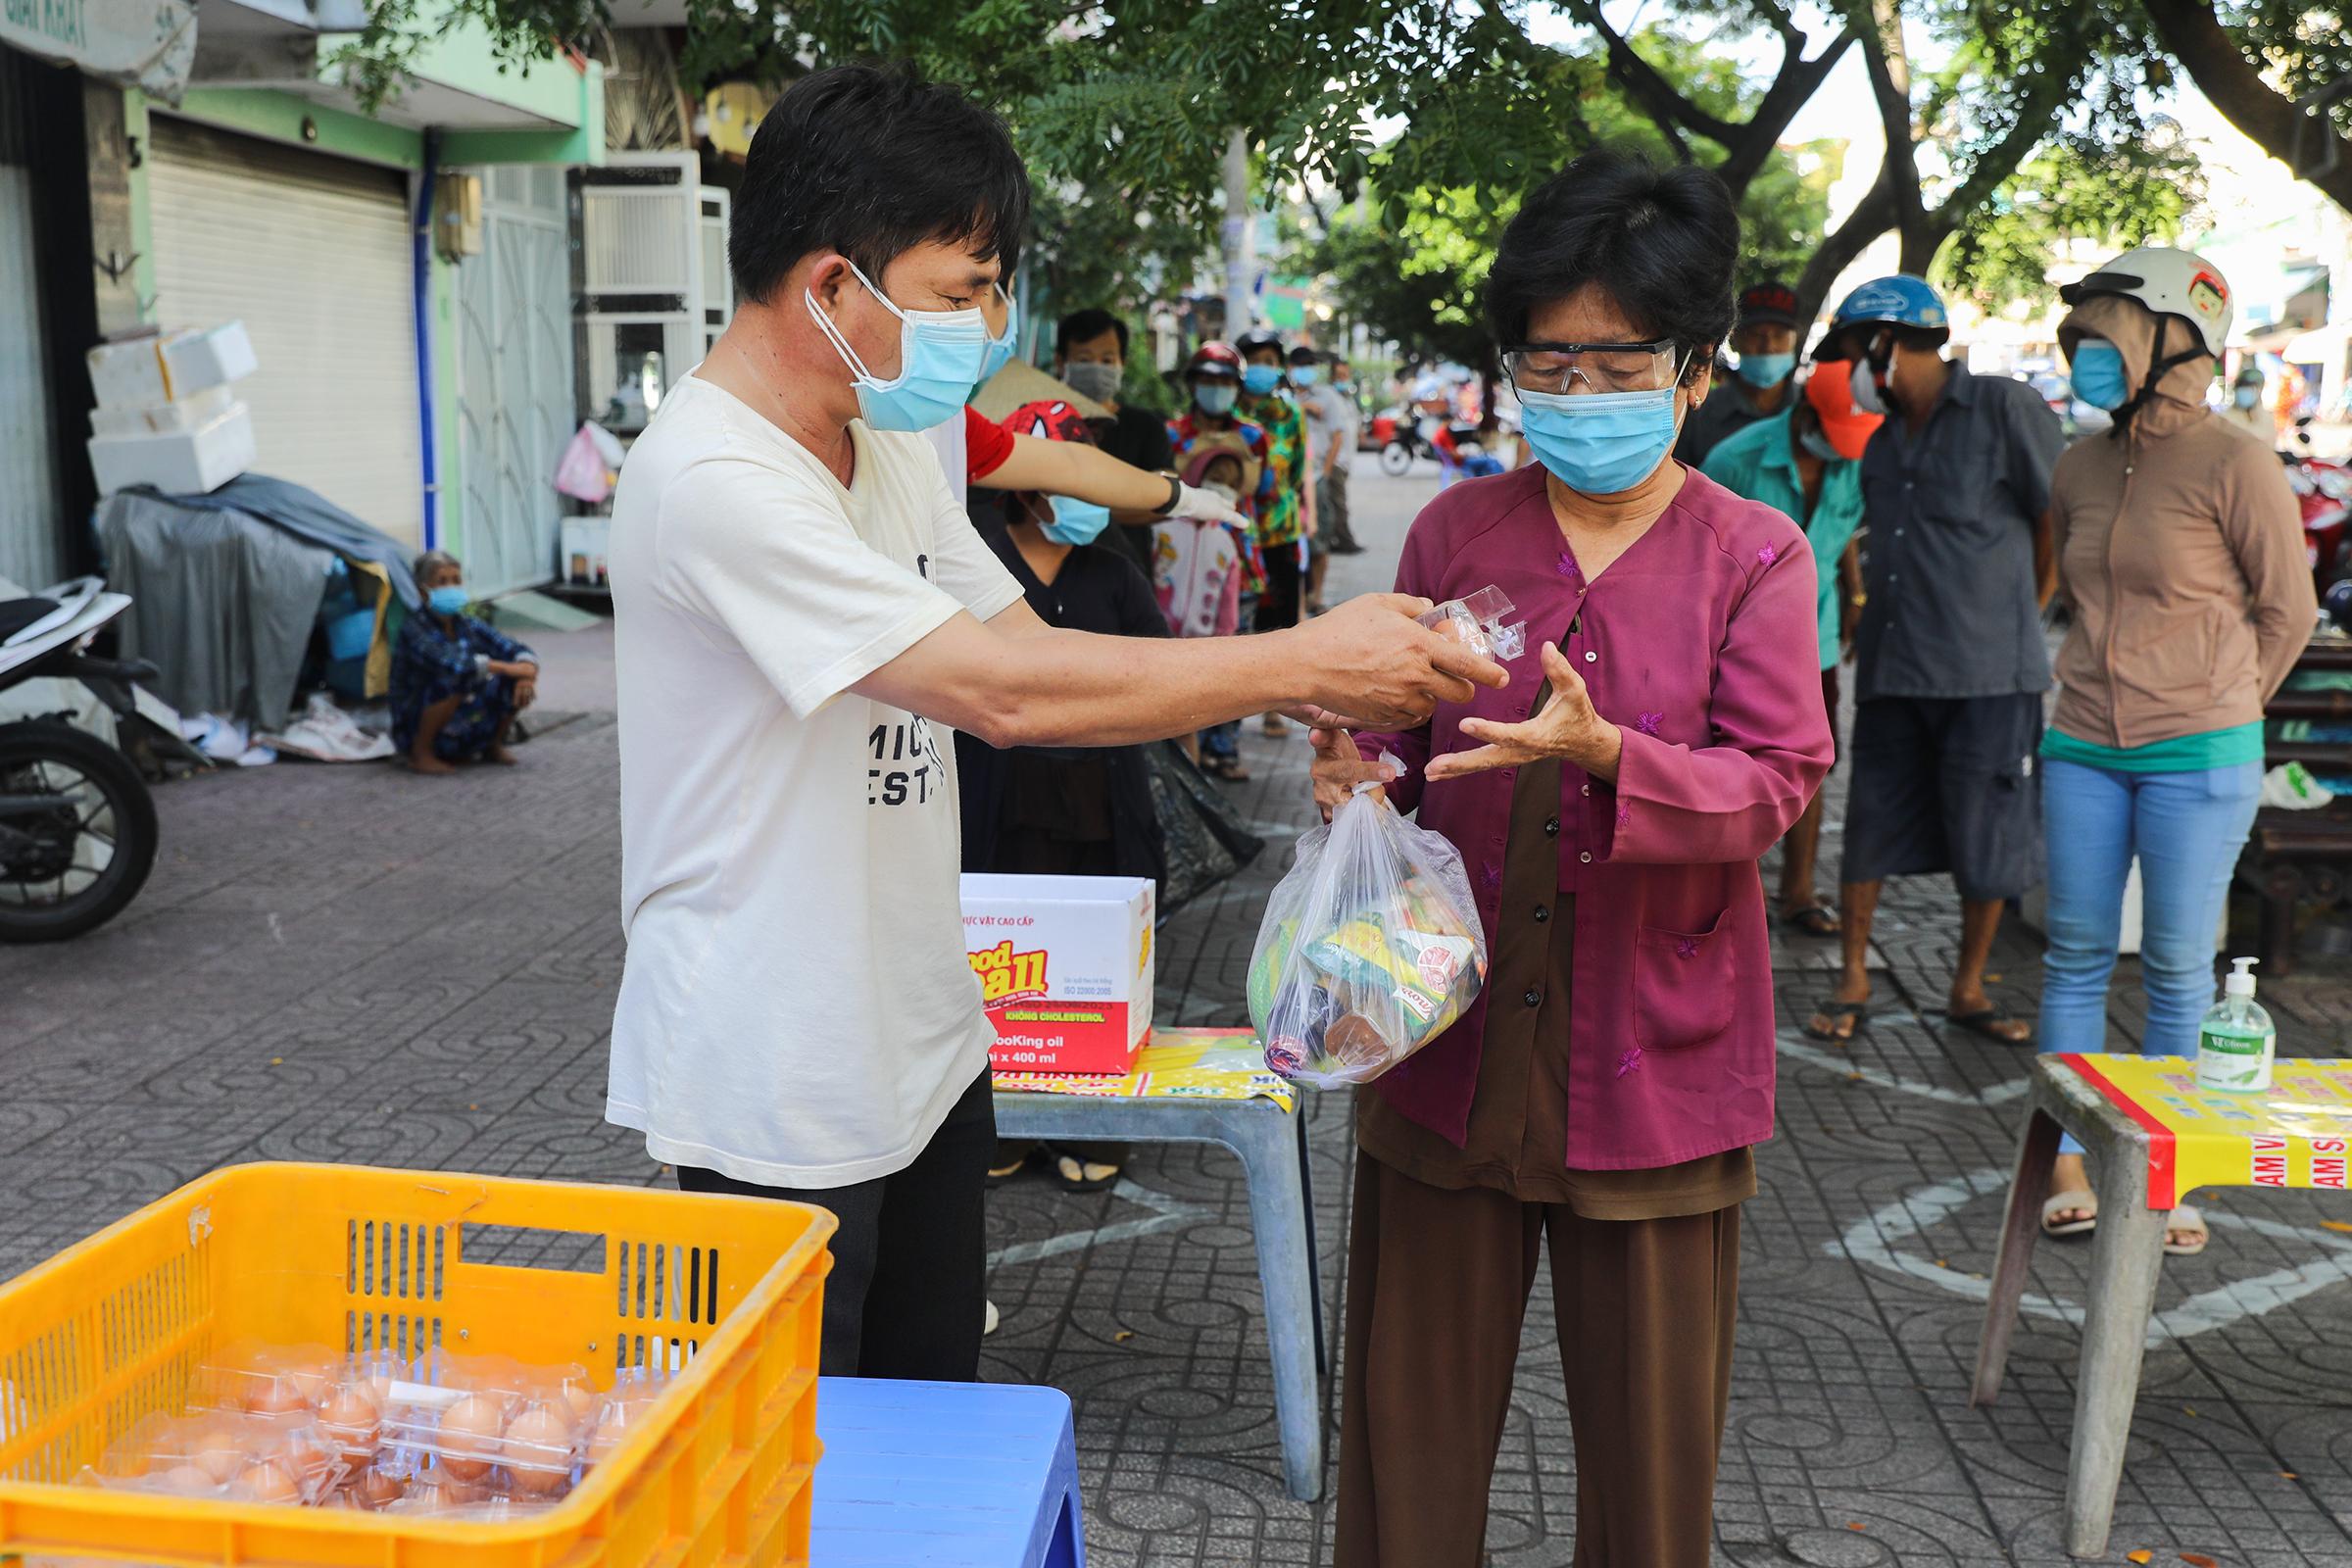 Người dân tại TP HCM nhận lương thực, thực phẩm tại các điểm phát từ thiện, tháng 6/2021. Ảnh: Quỳnh Trần